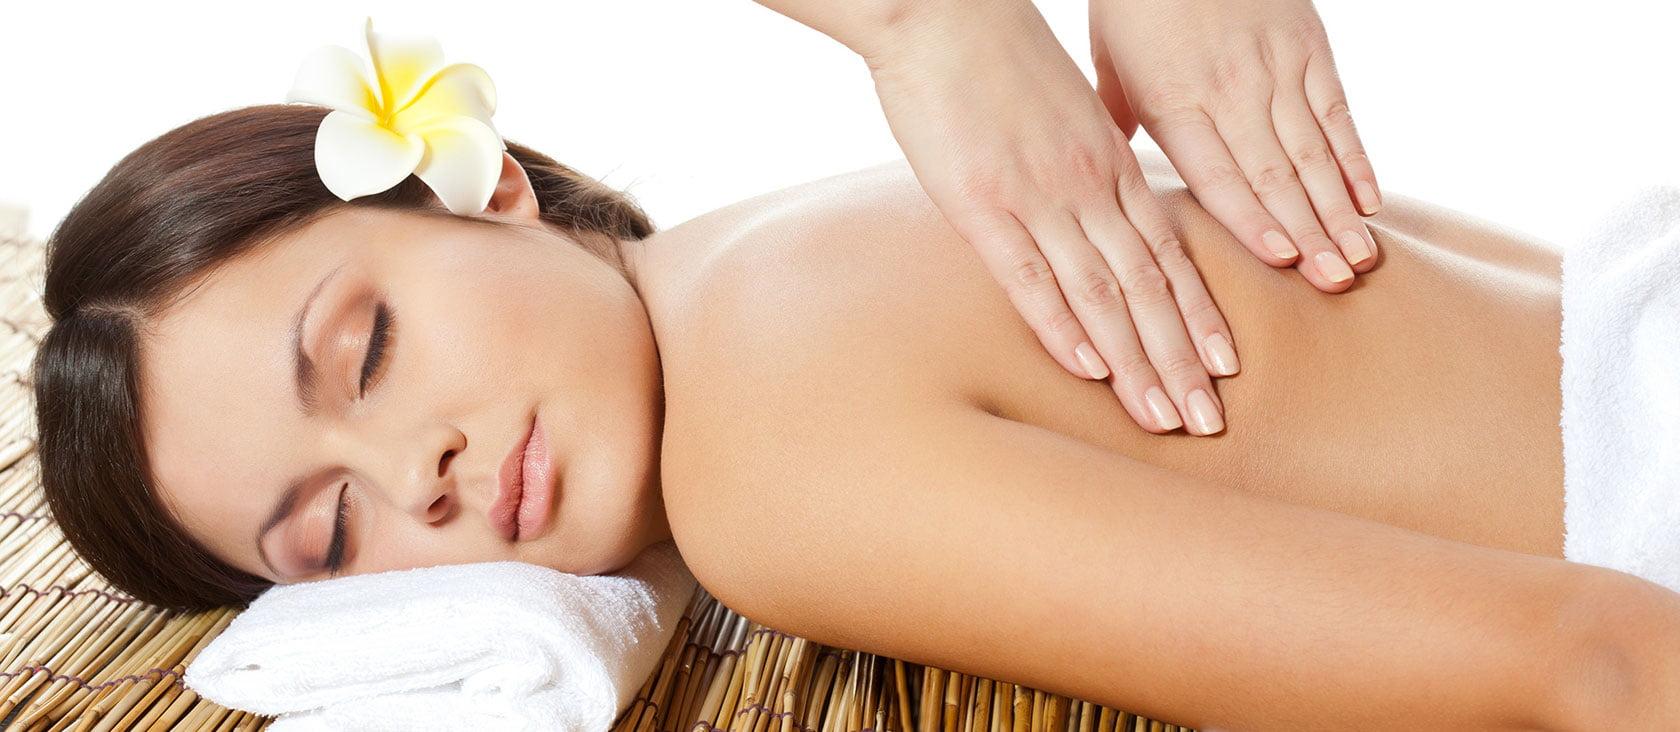 Kết quả hình ảnh cho Massage